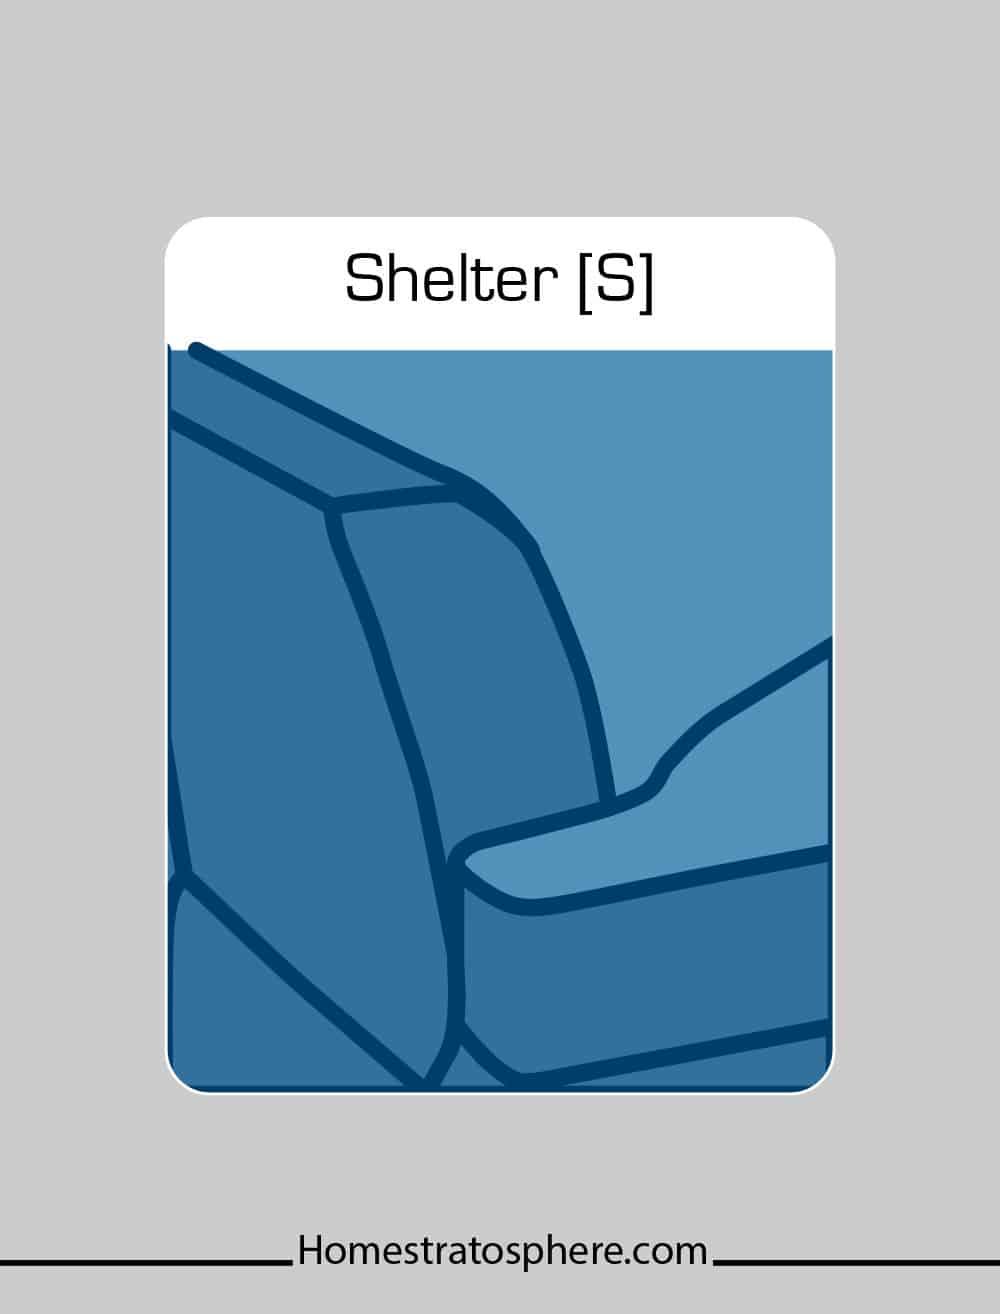 Shelter sofa arm style